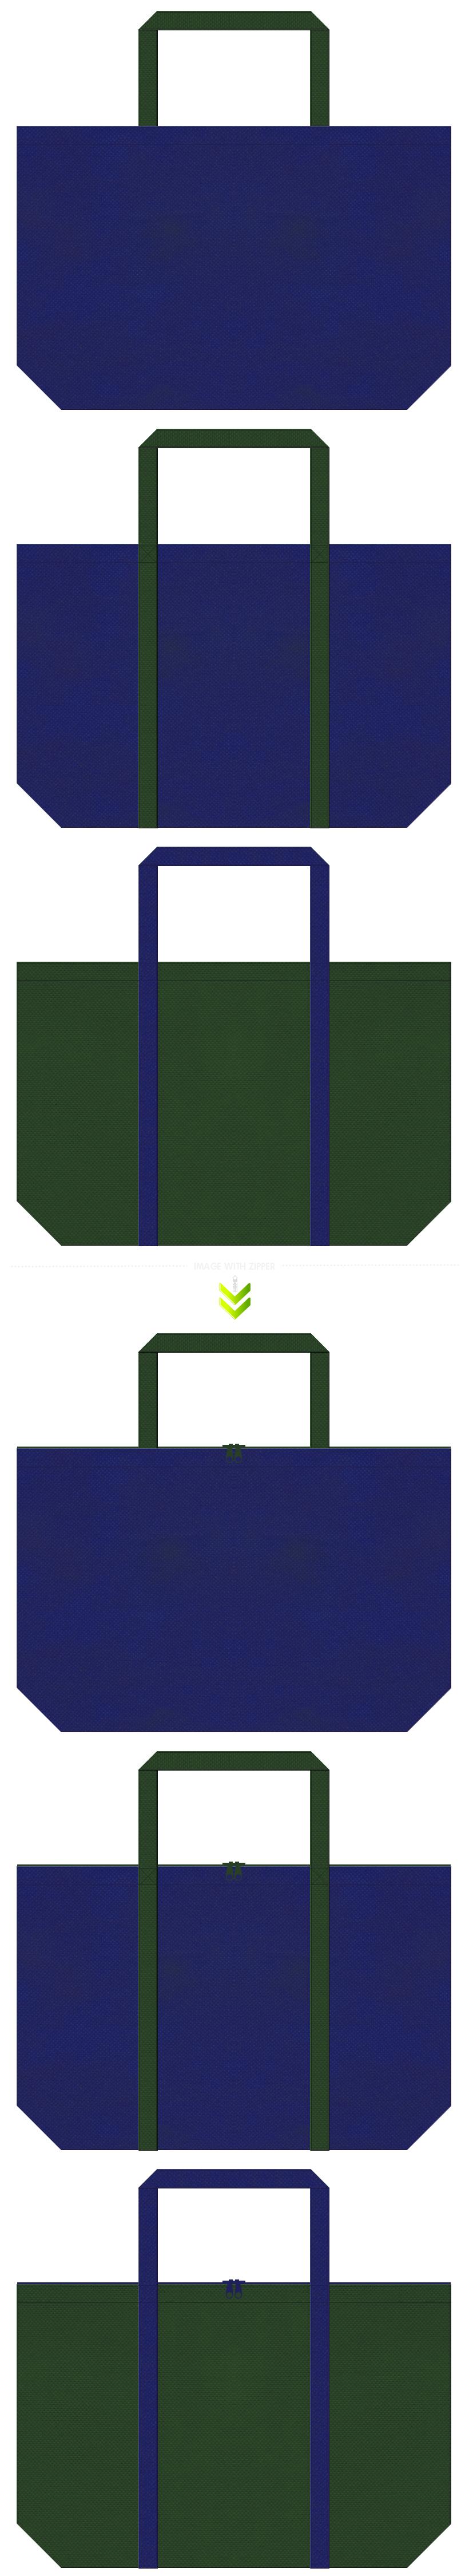 明るい紺色と濃緑色の不織布エコバッグのデザイン。